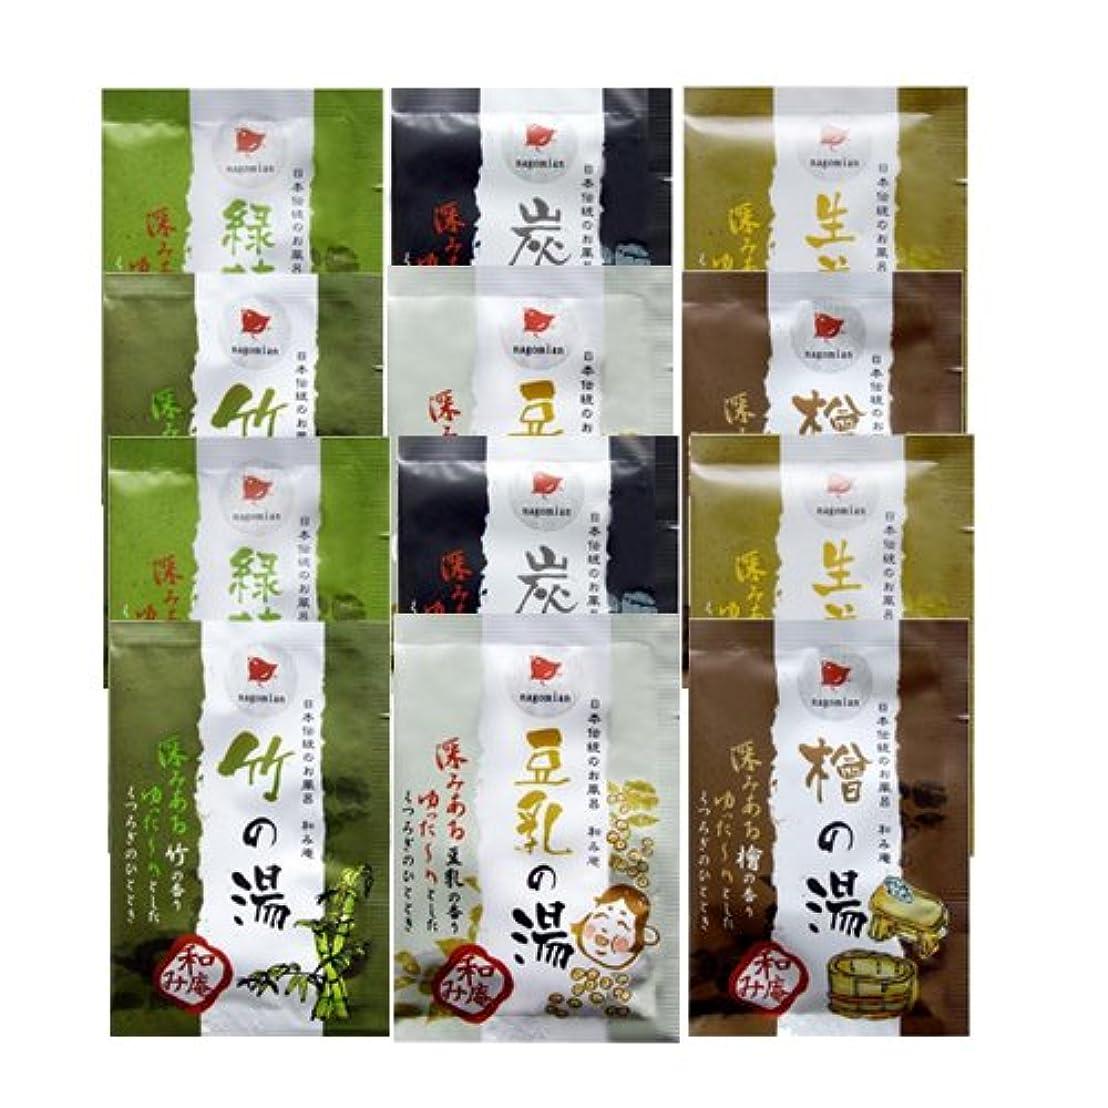 蒸発ロードブロッキングパース日本伝統のお風呂 和み庵 6種類×2個セット(計12包)